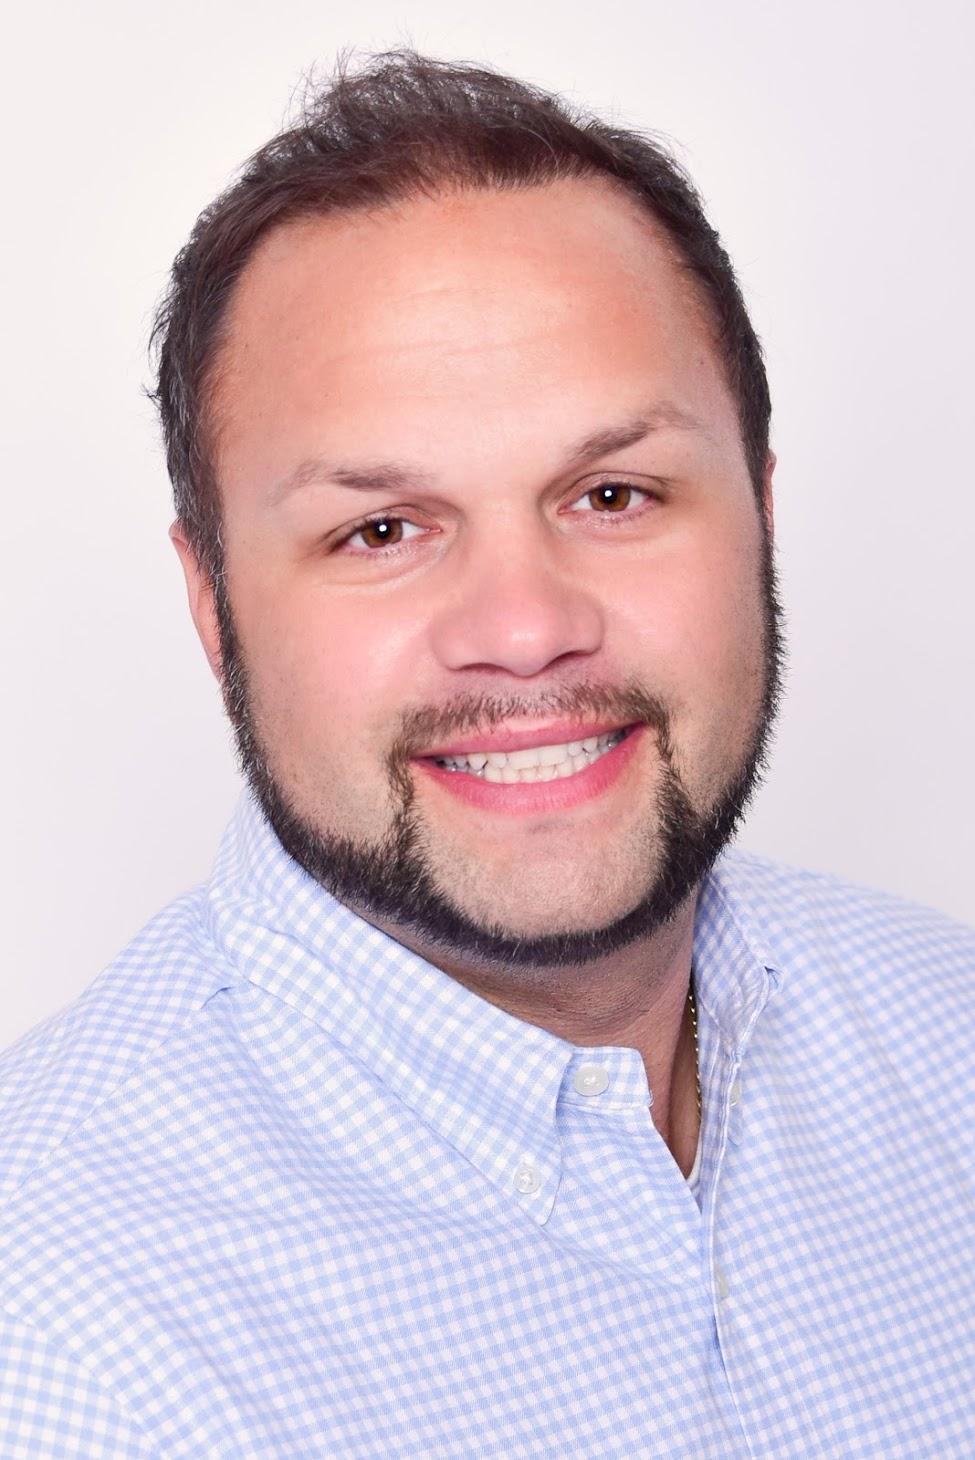 Andre Wittenberg